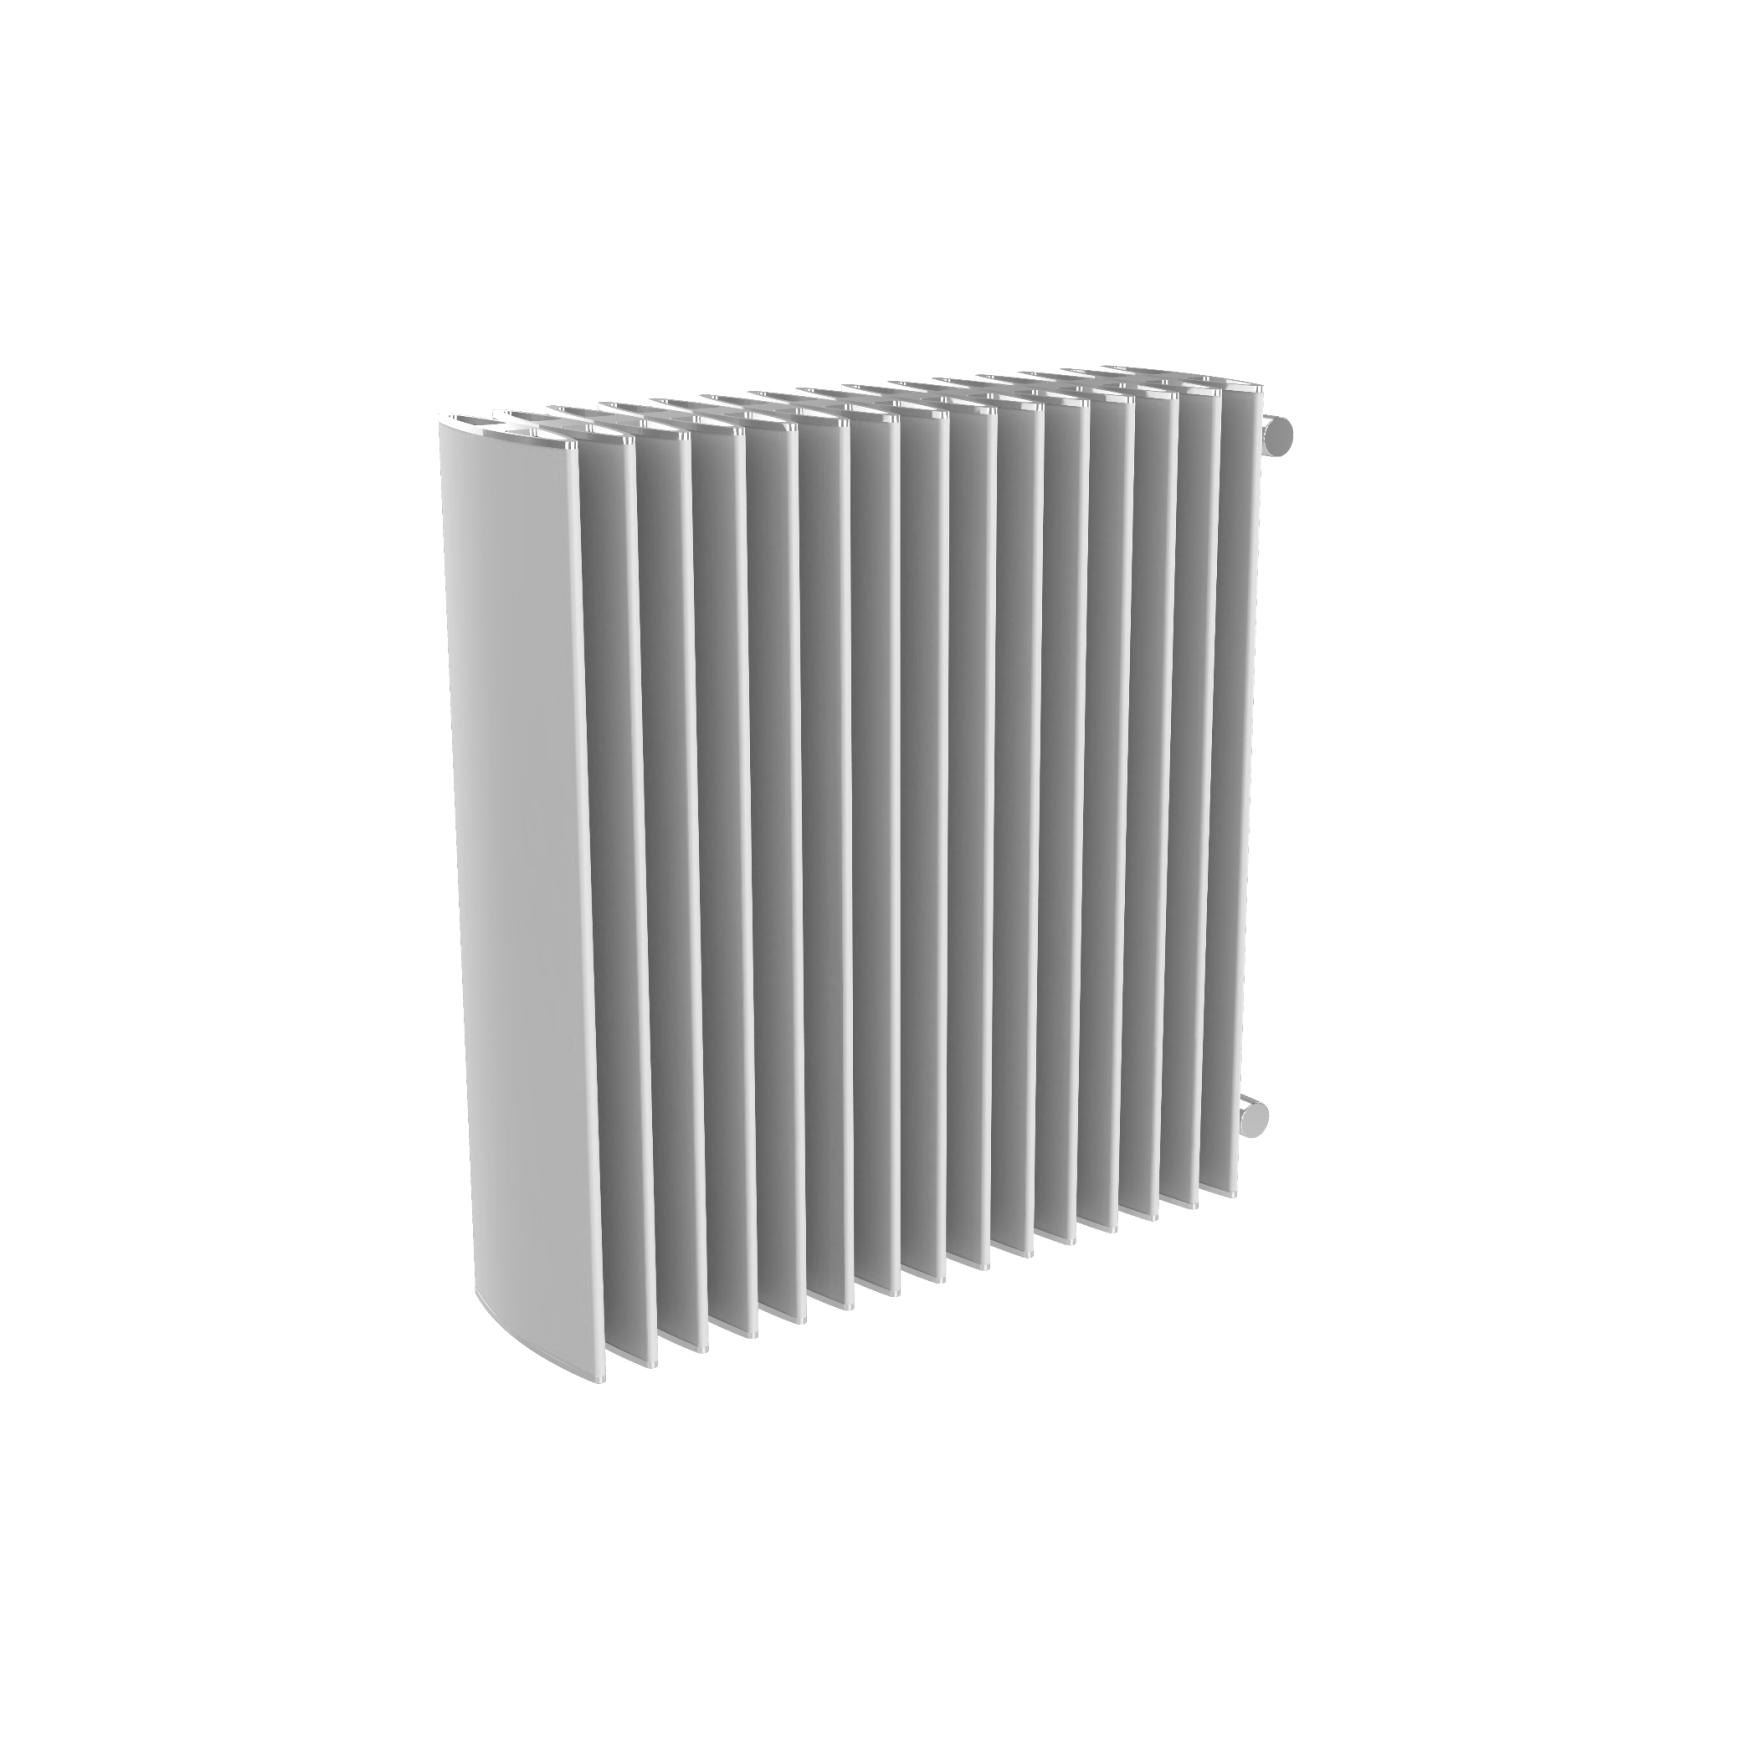 radiator inovativ Ridea Othello Zenith 1